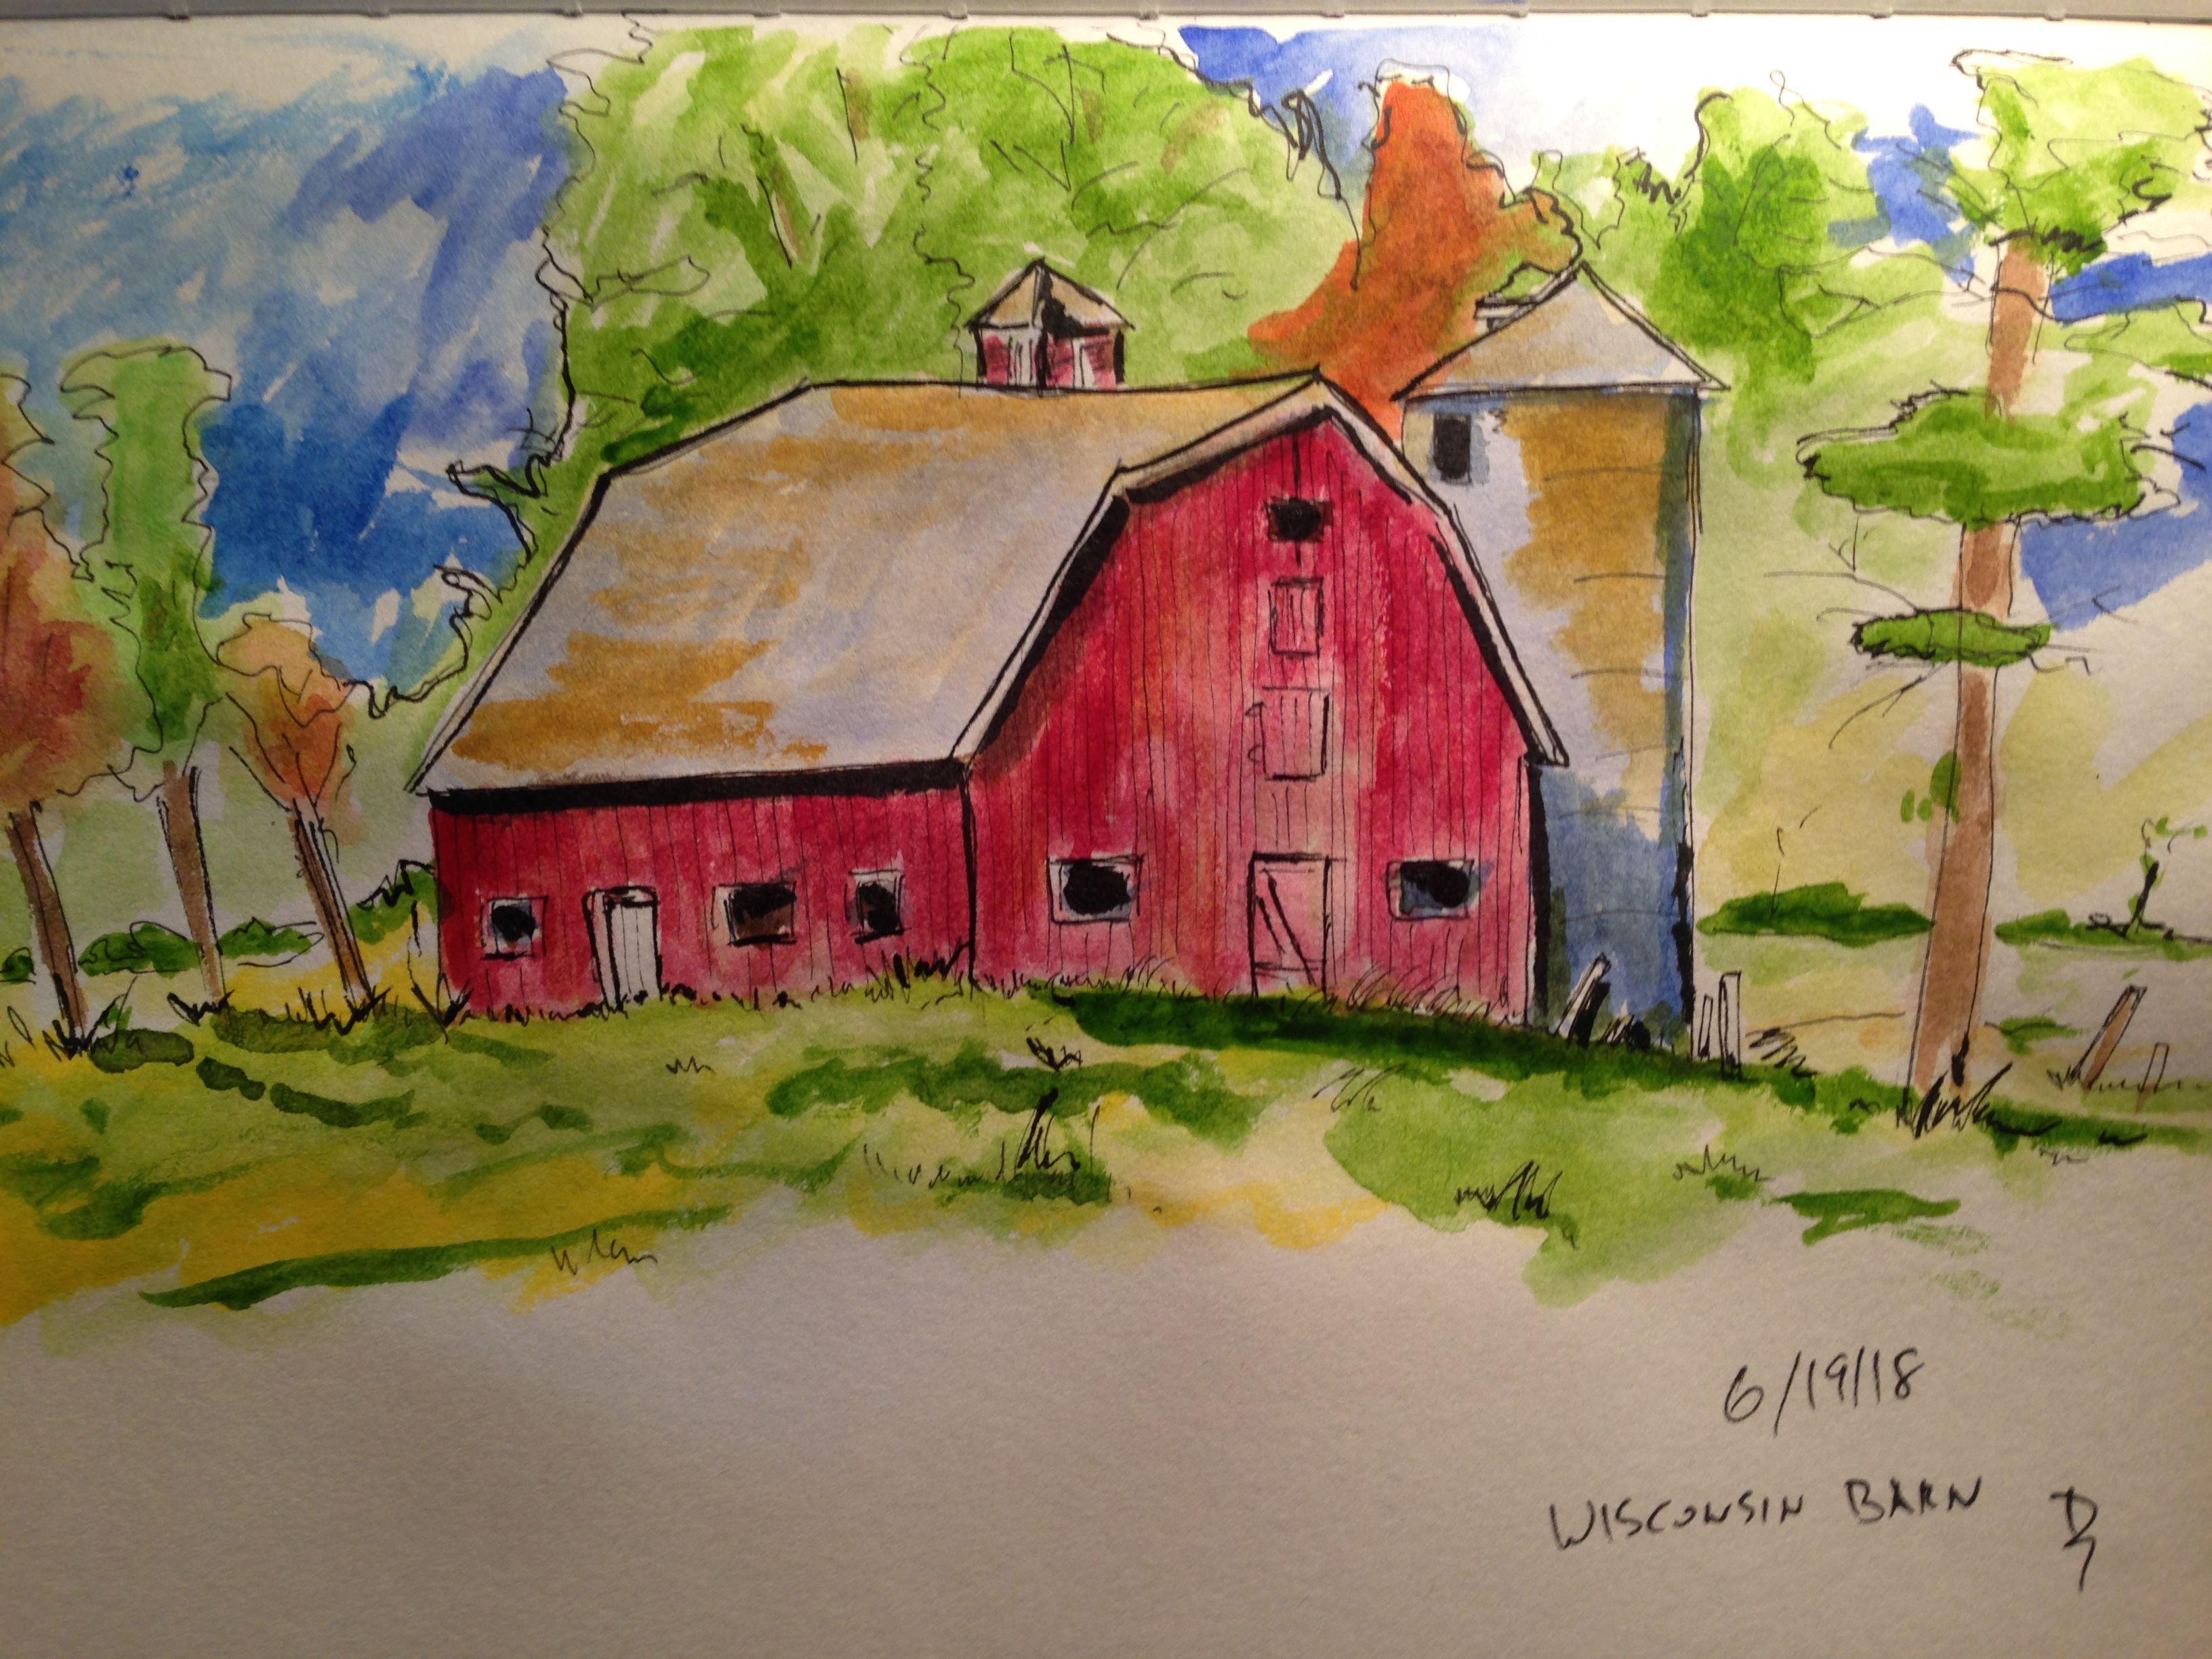 Pin by Dennis Schebetta on My sketchbook journal Art